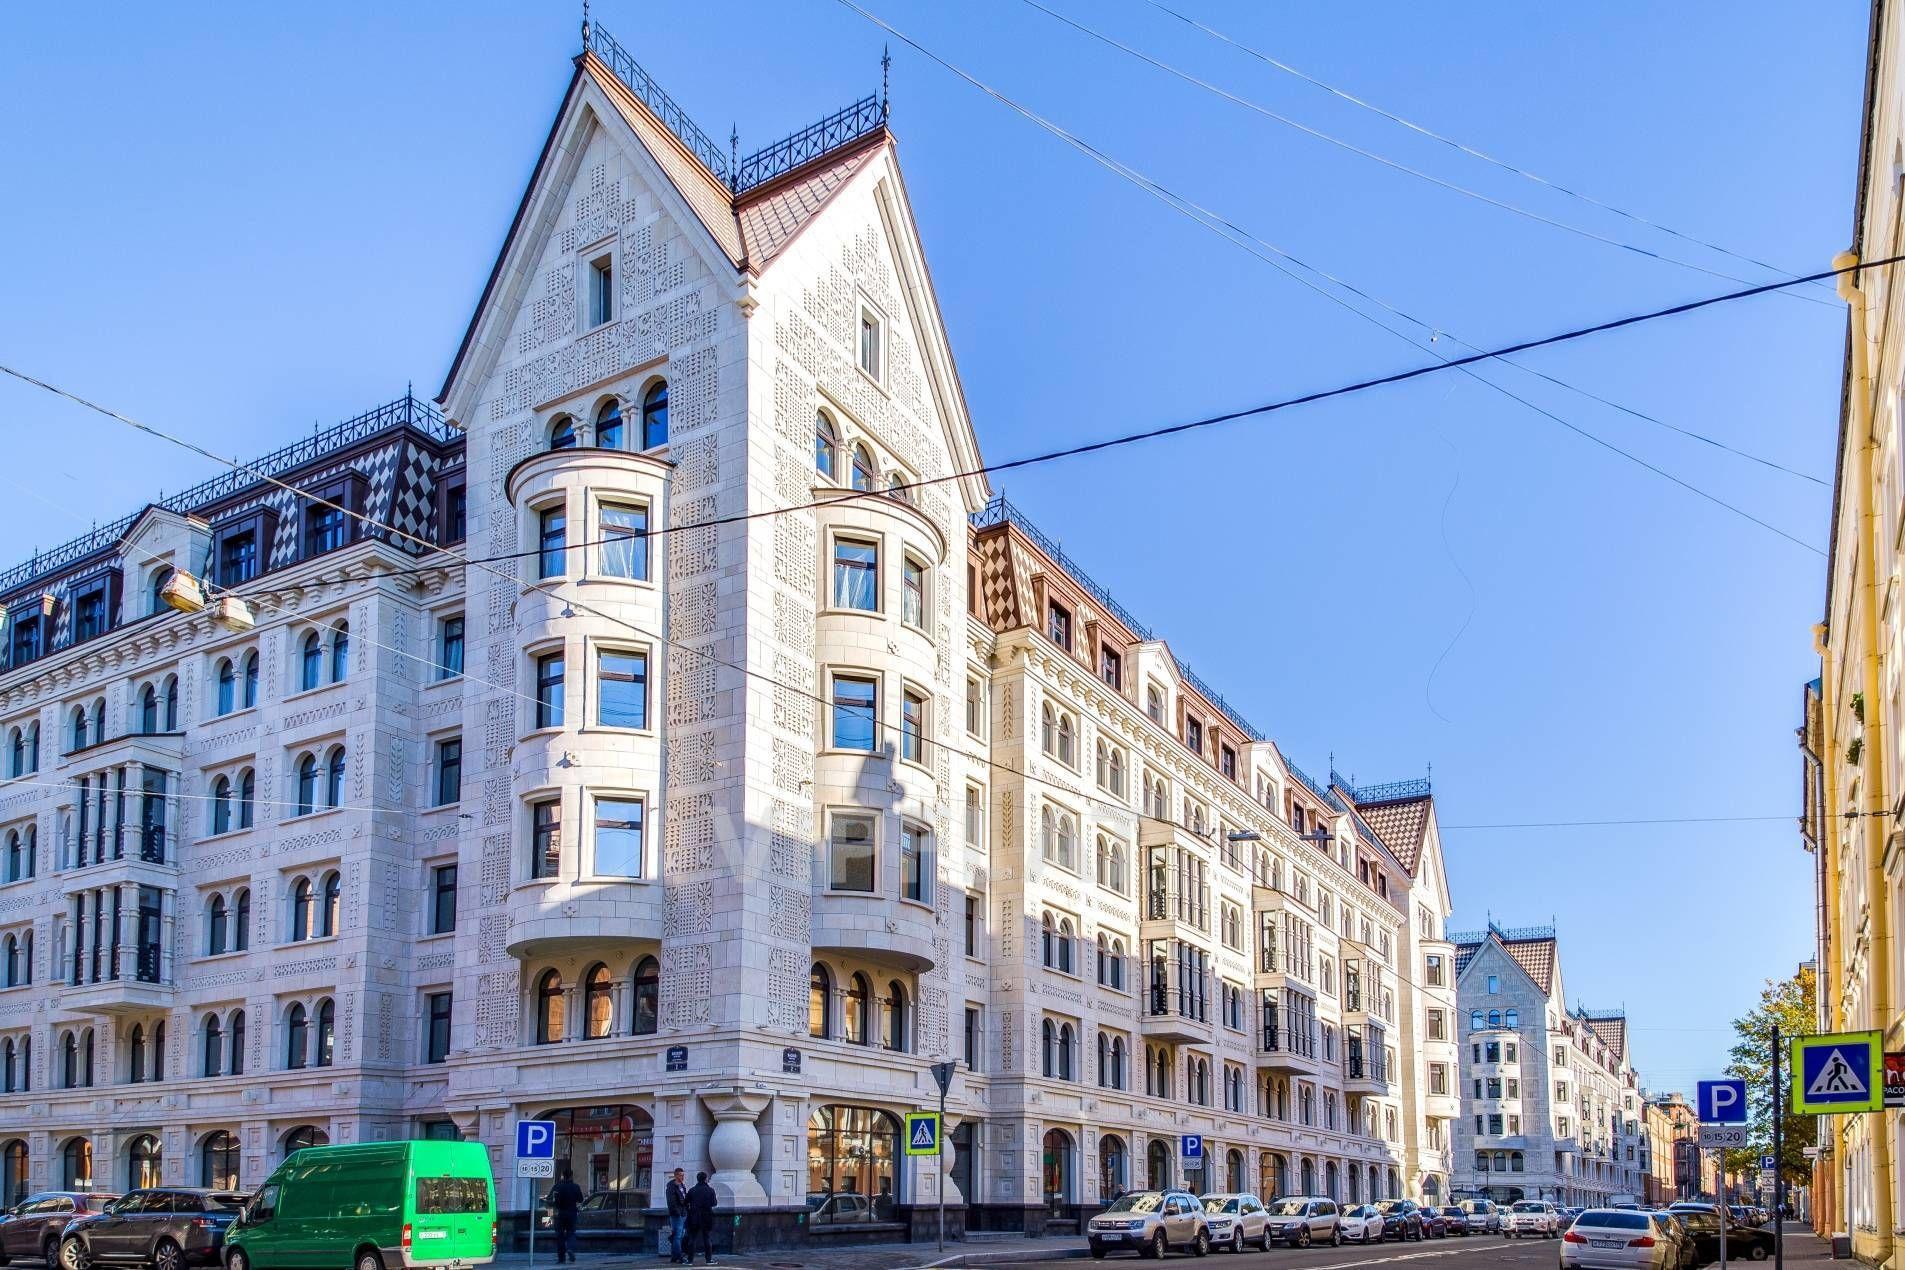 Продажа элитных квартир Санкт-Петербурга. Басков пер., 2 Вид на дом